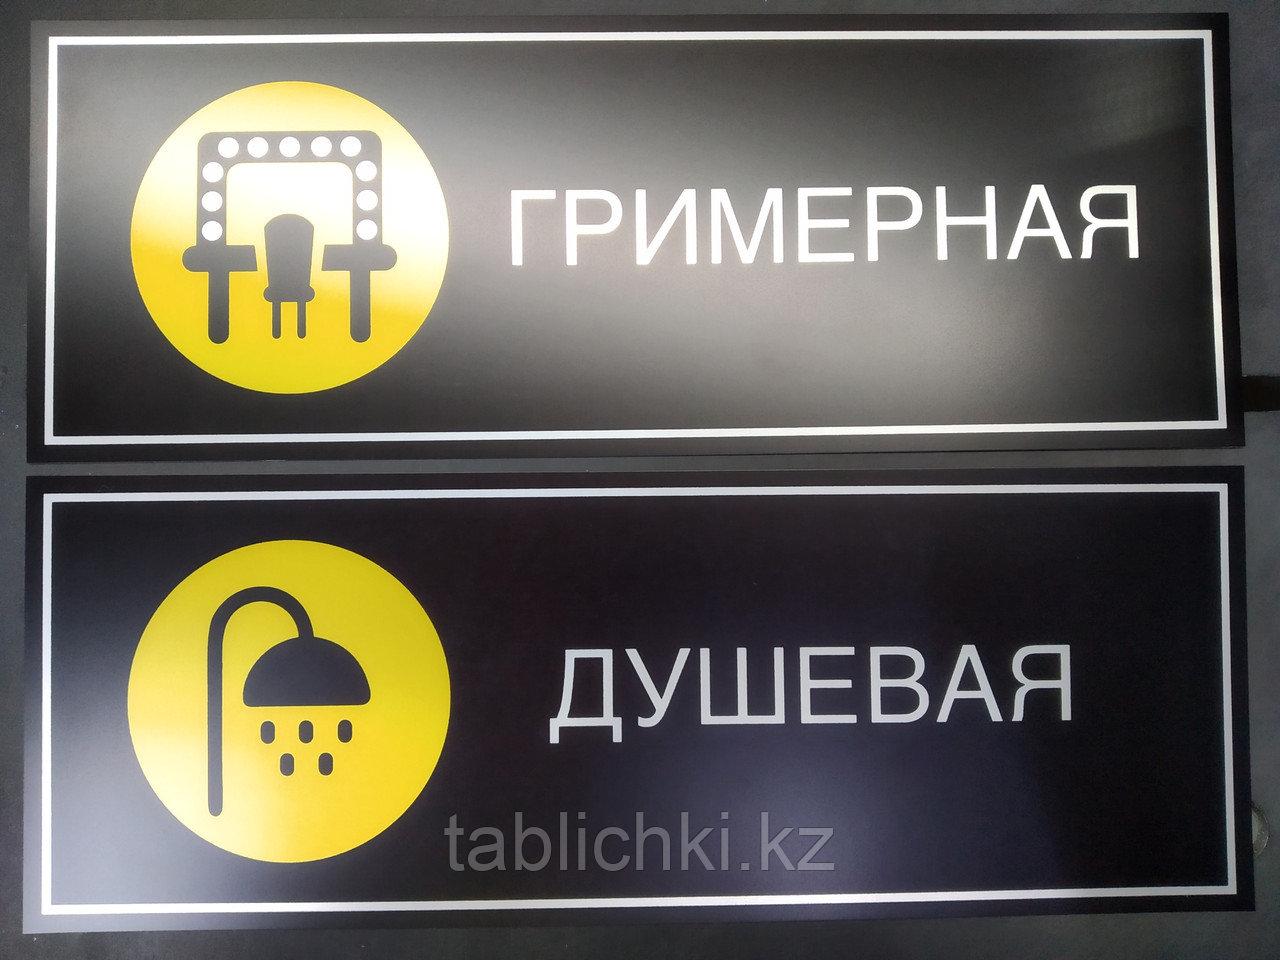 Металлические таблички Алматы